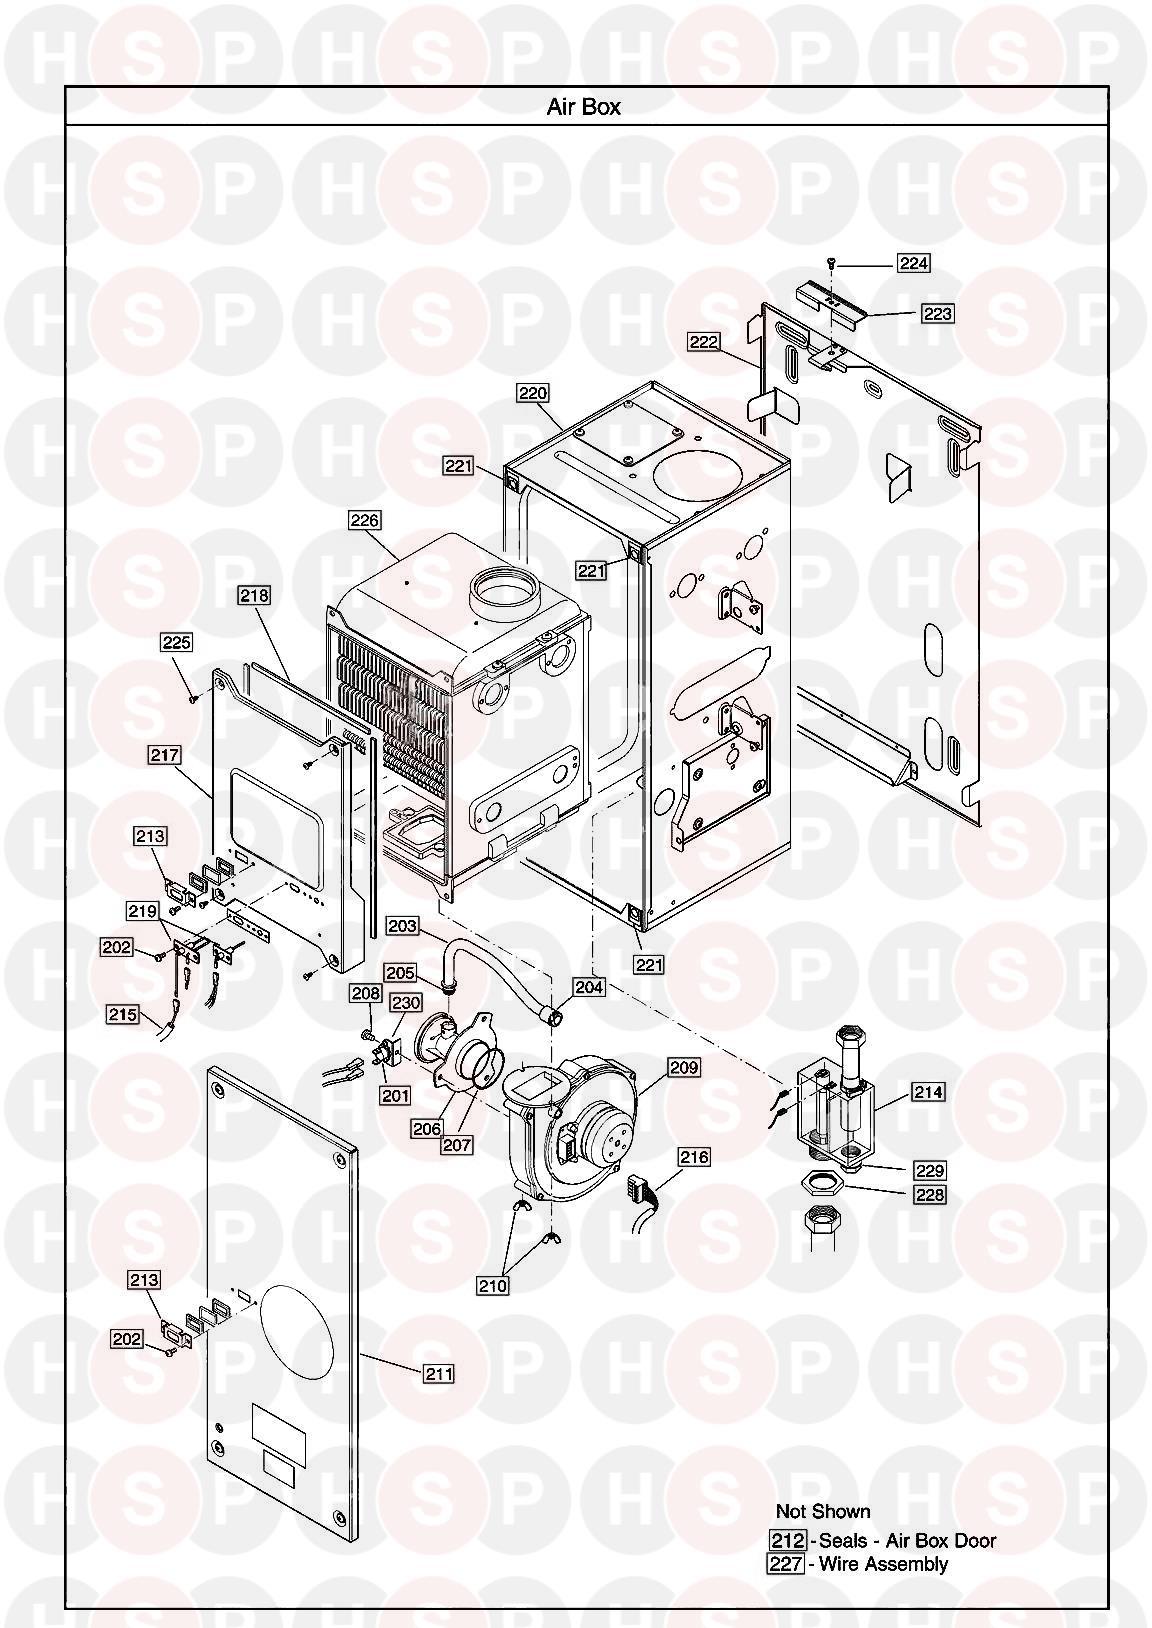 mercury parklane wiring diagram , ford distributor wiring diagram , circuit  diagram 8051 microcontroller , 1973 challenger 318 engine wiring diagram